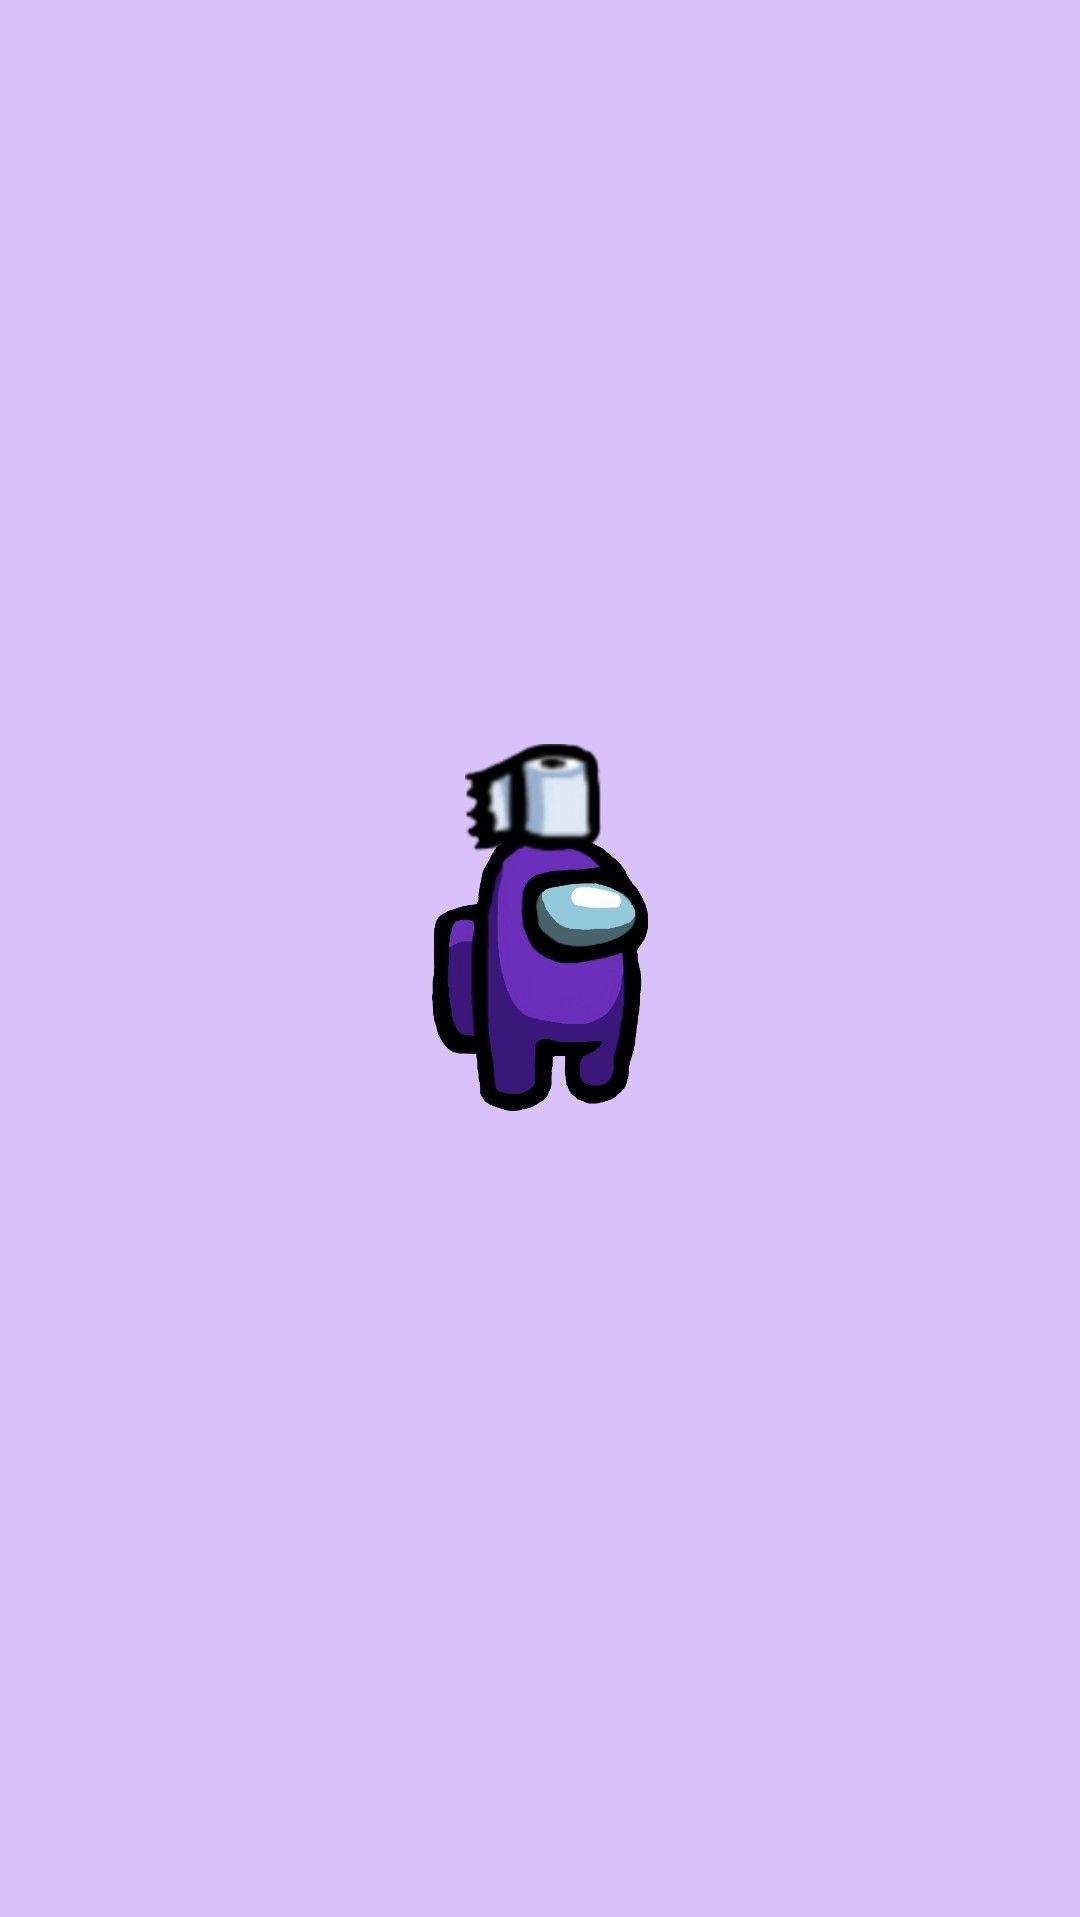 Aesthetic Purple Among Us Character Wallpaper